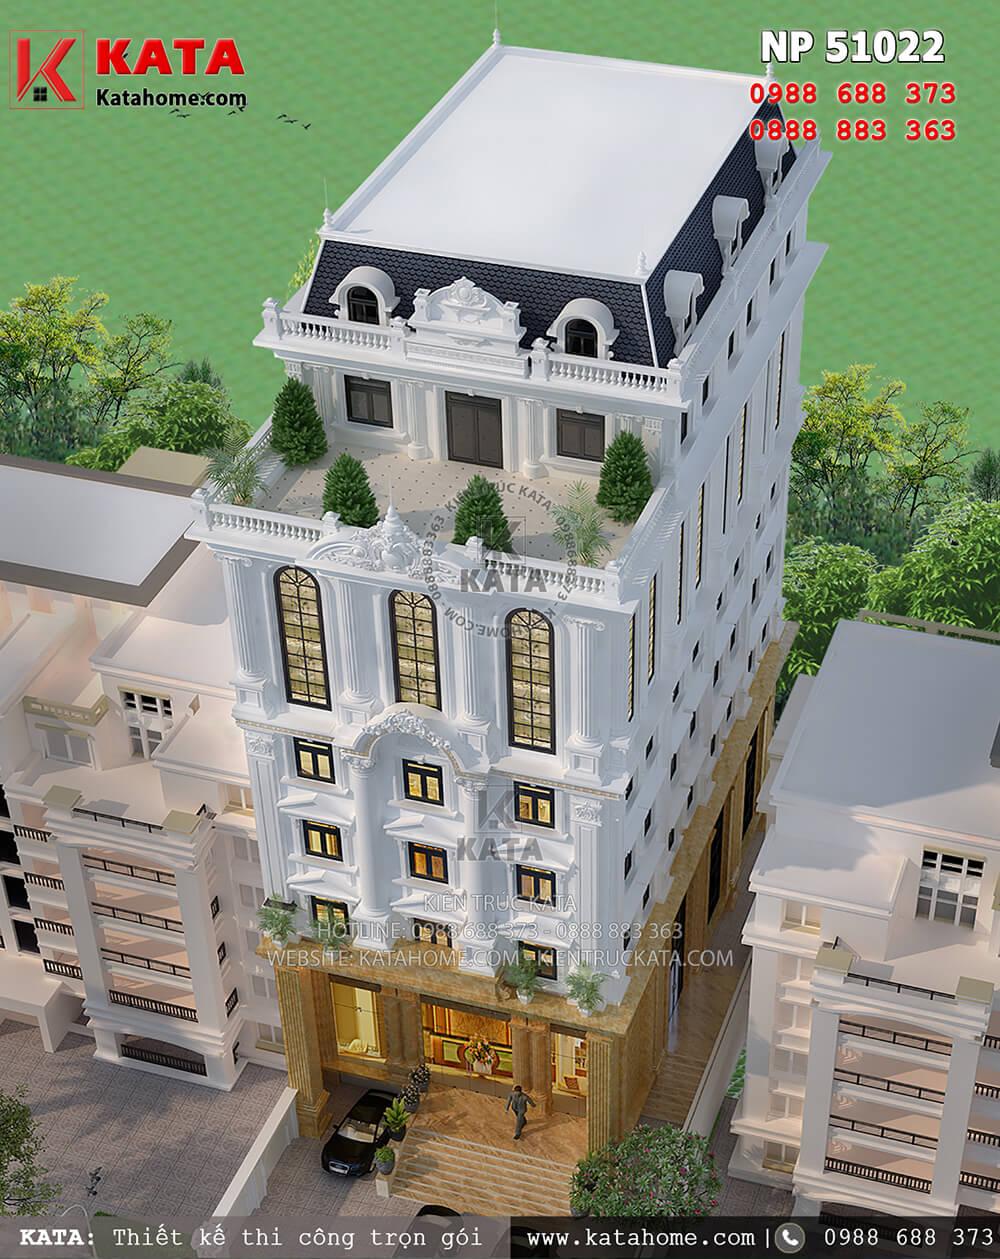 Mẫu thiết kế khách sạn 5 tầng tân cổ điển tại Tam Đảo đạt tiêu chuẩn khách sạn 3 sao nhìn từ trên cao